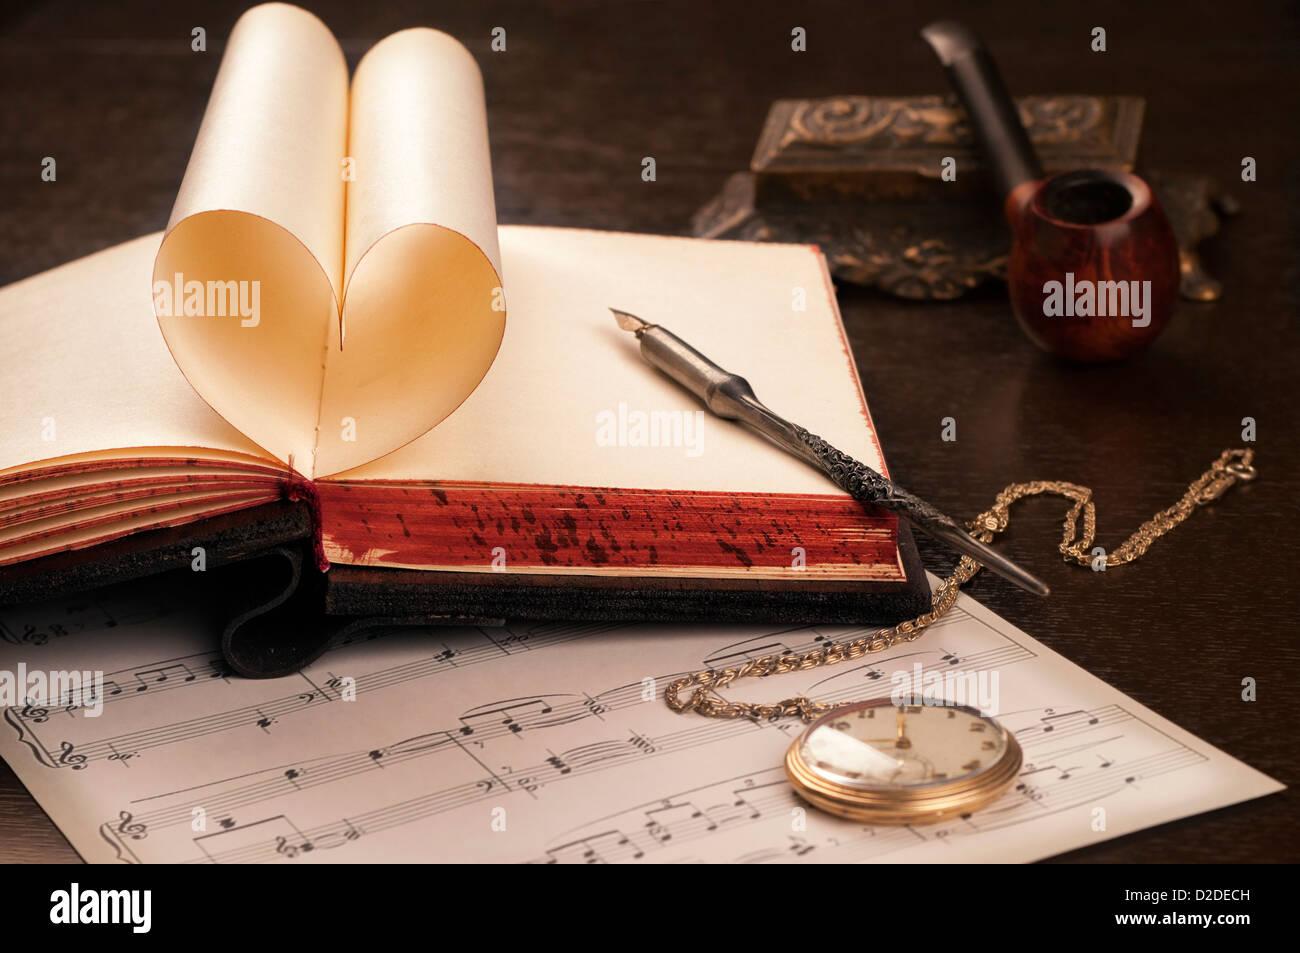 Love letter - Stock Image